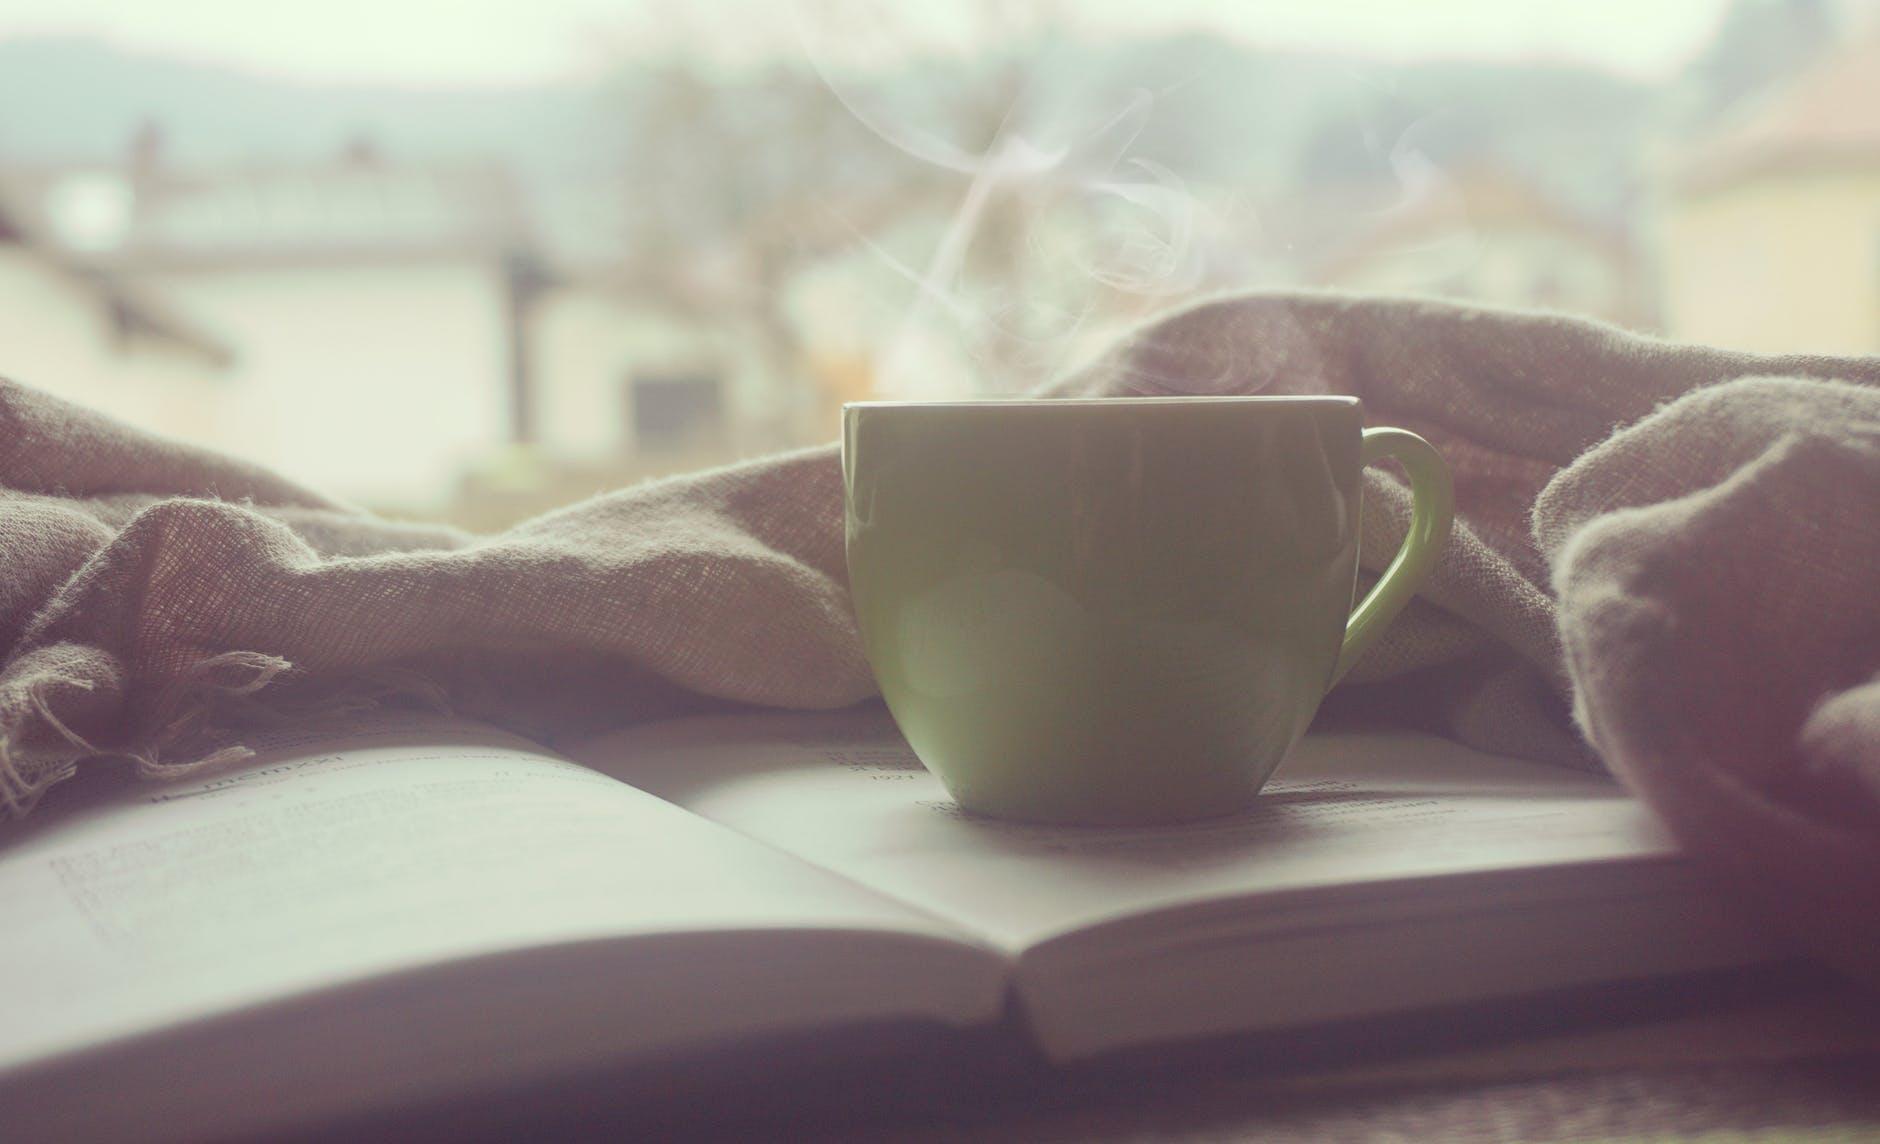 Jeune maman qui s'est préparé un thé et un livre pour s'accorder du temps pour soi